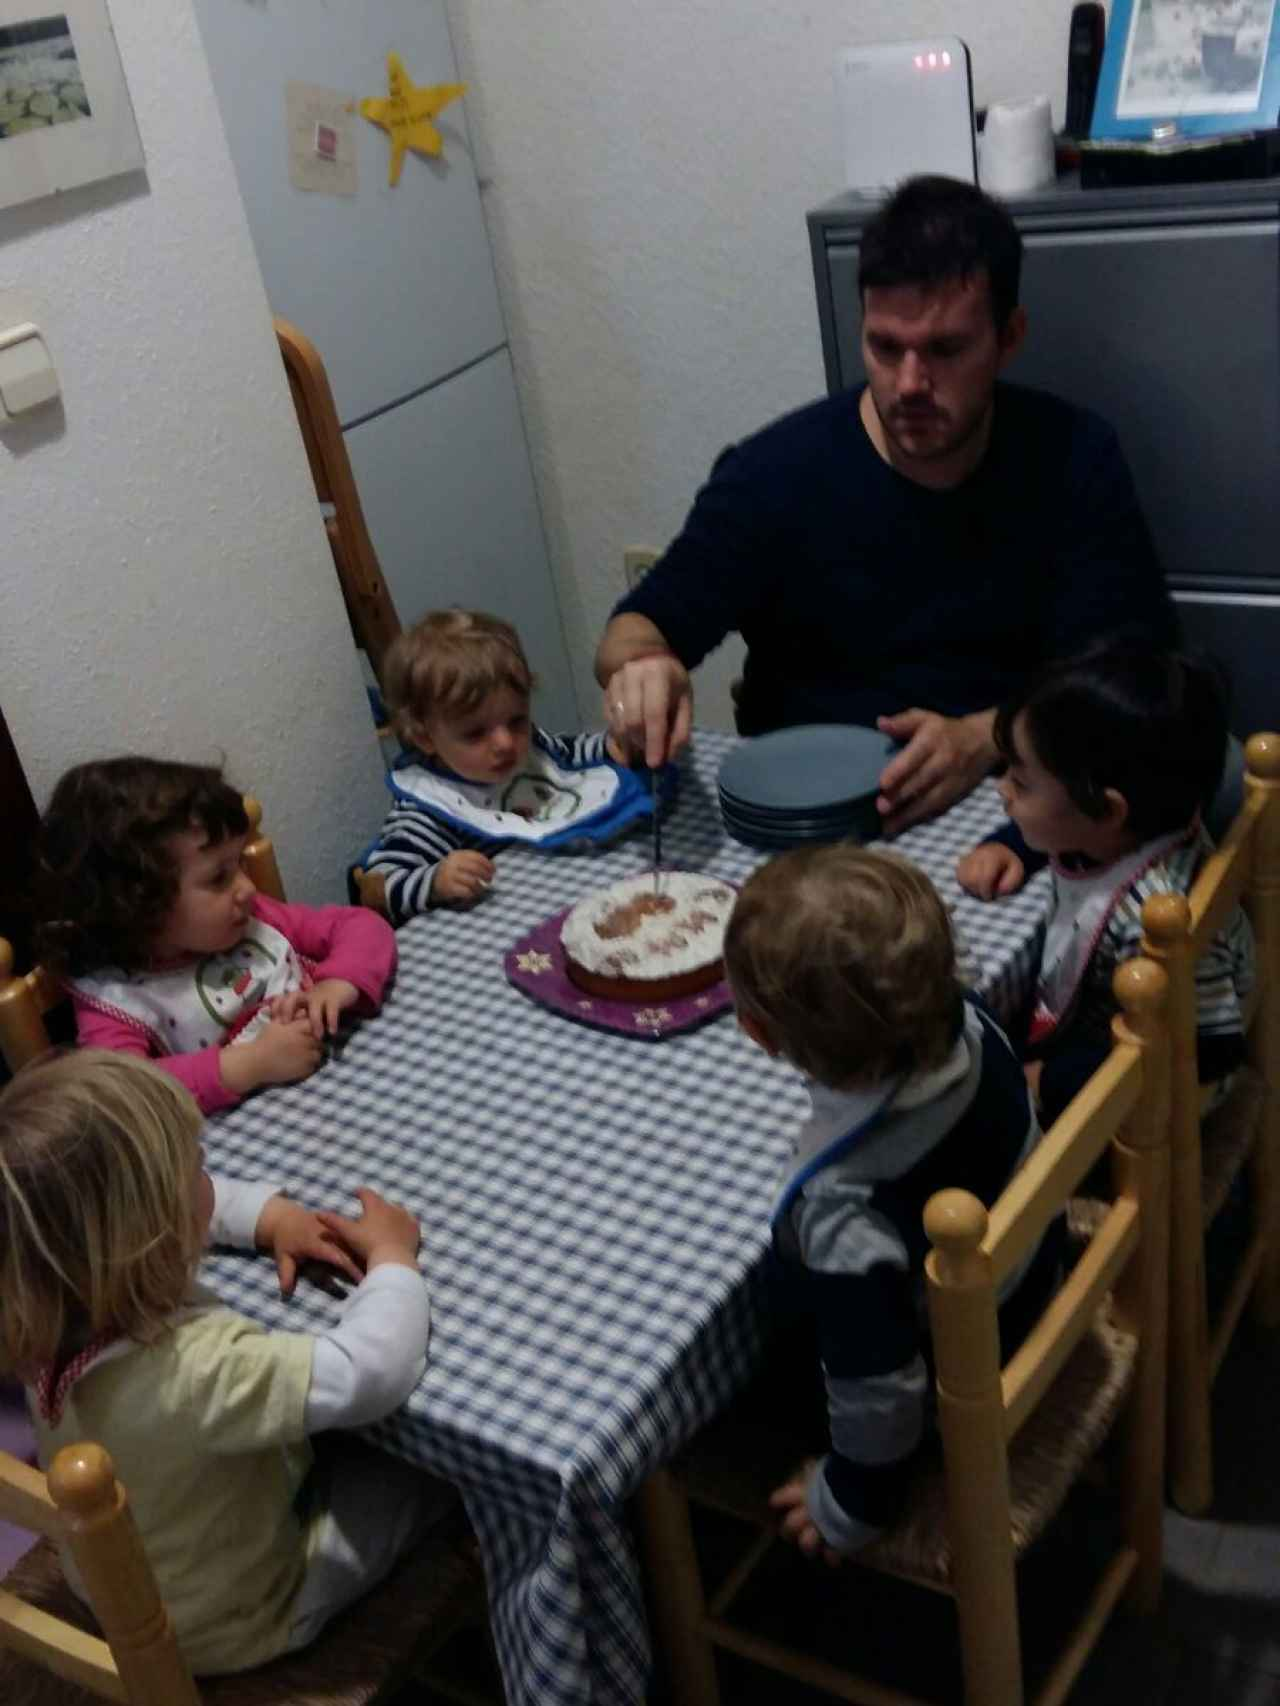 Eduardo Rodríguez cuida a cuatro niños en su casa de La Latina, Madrid.